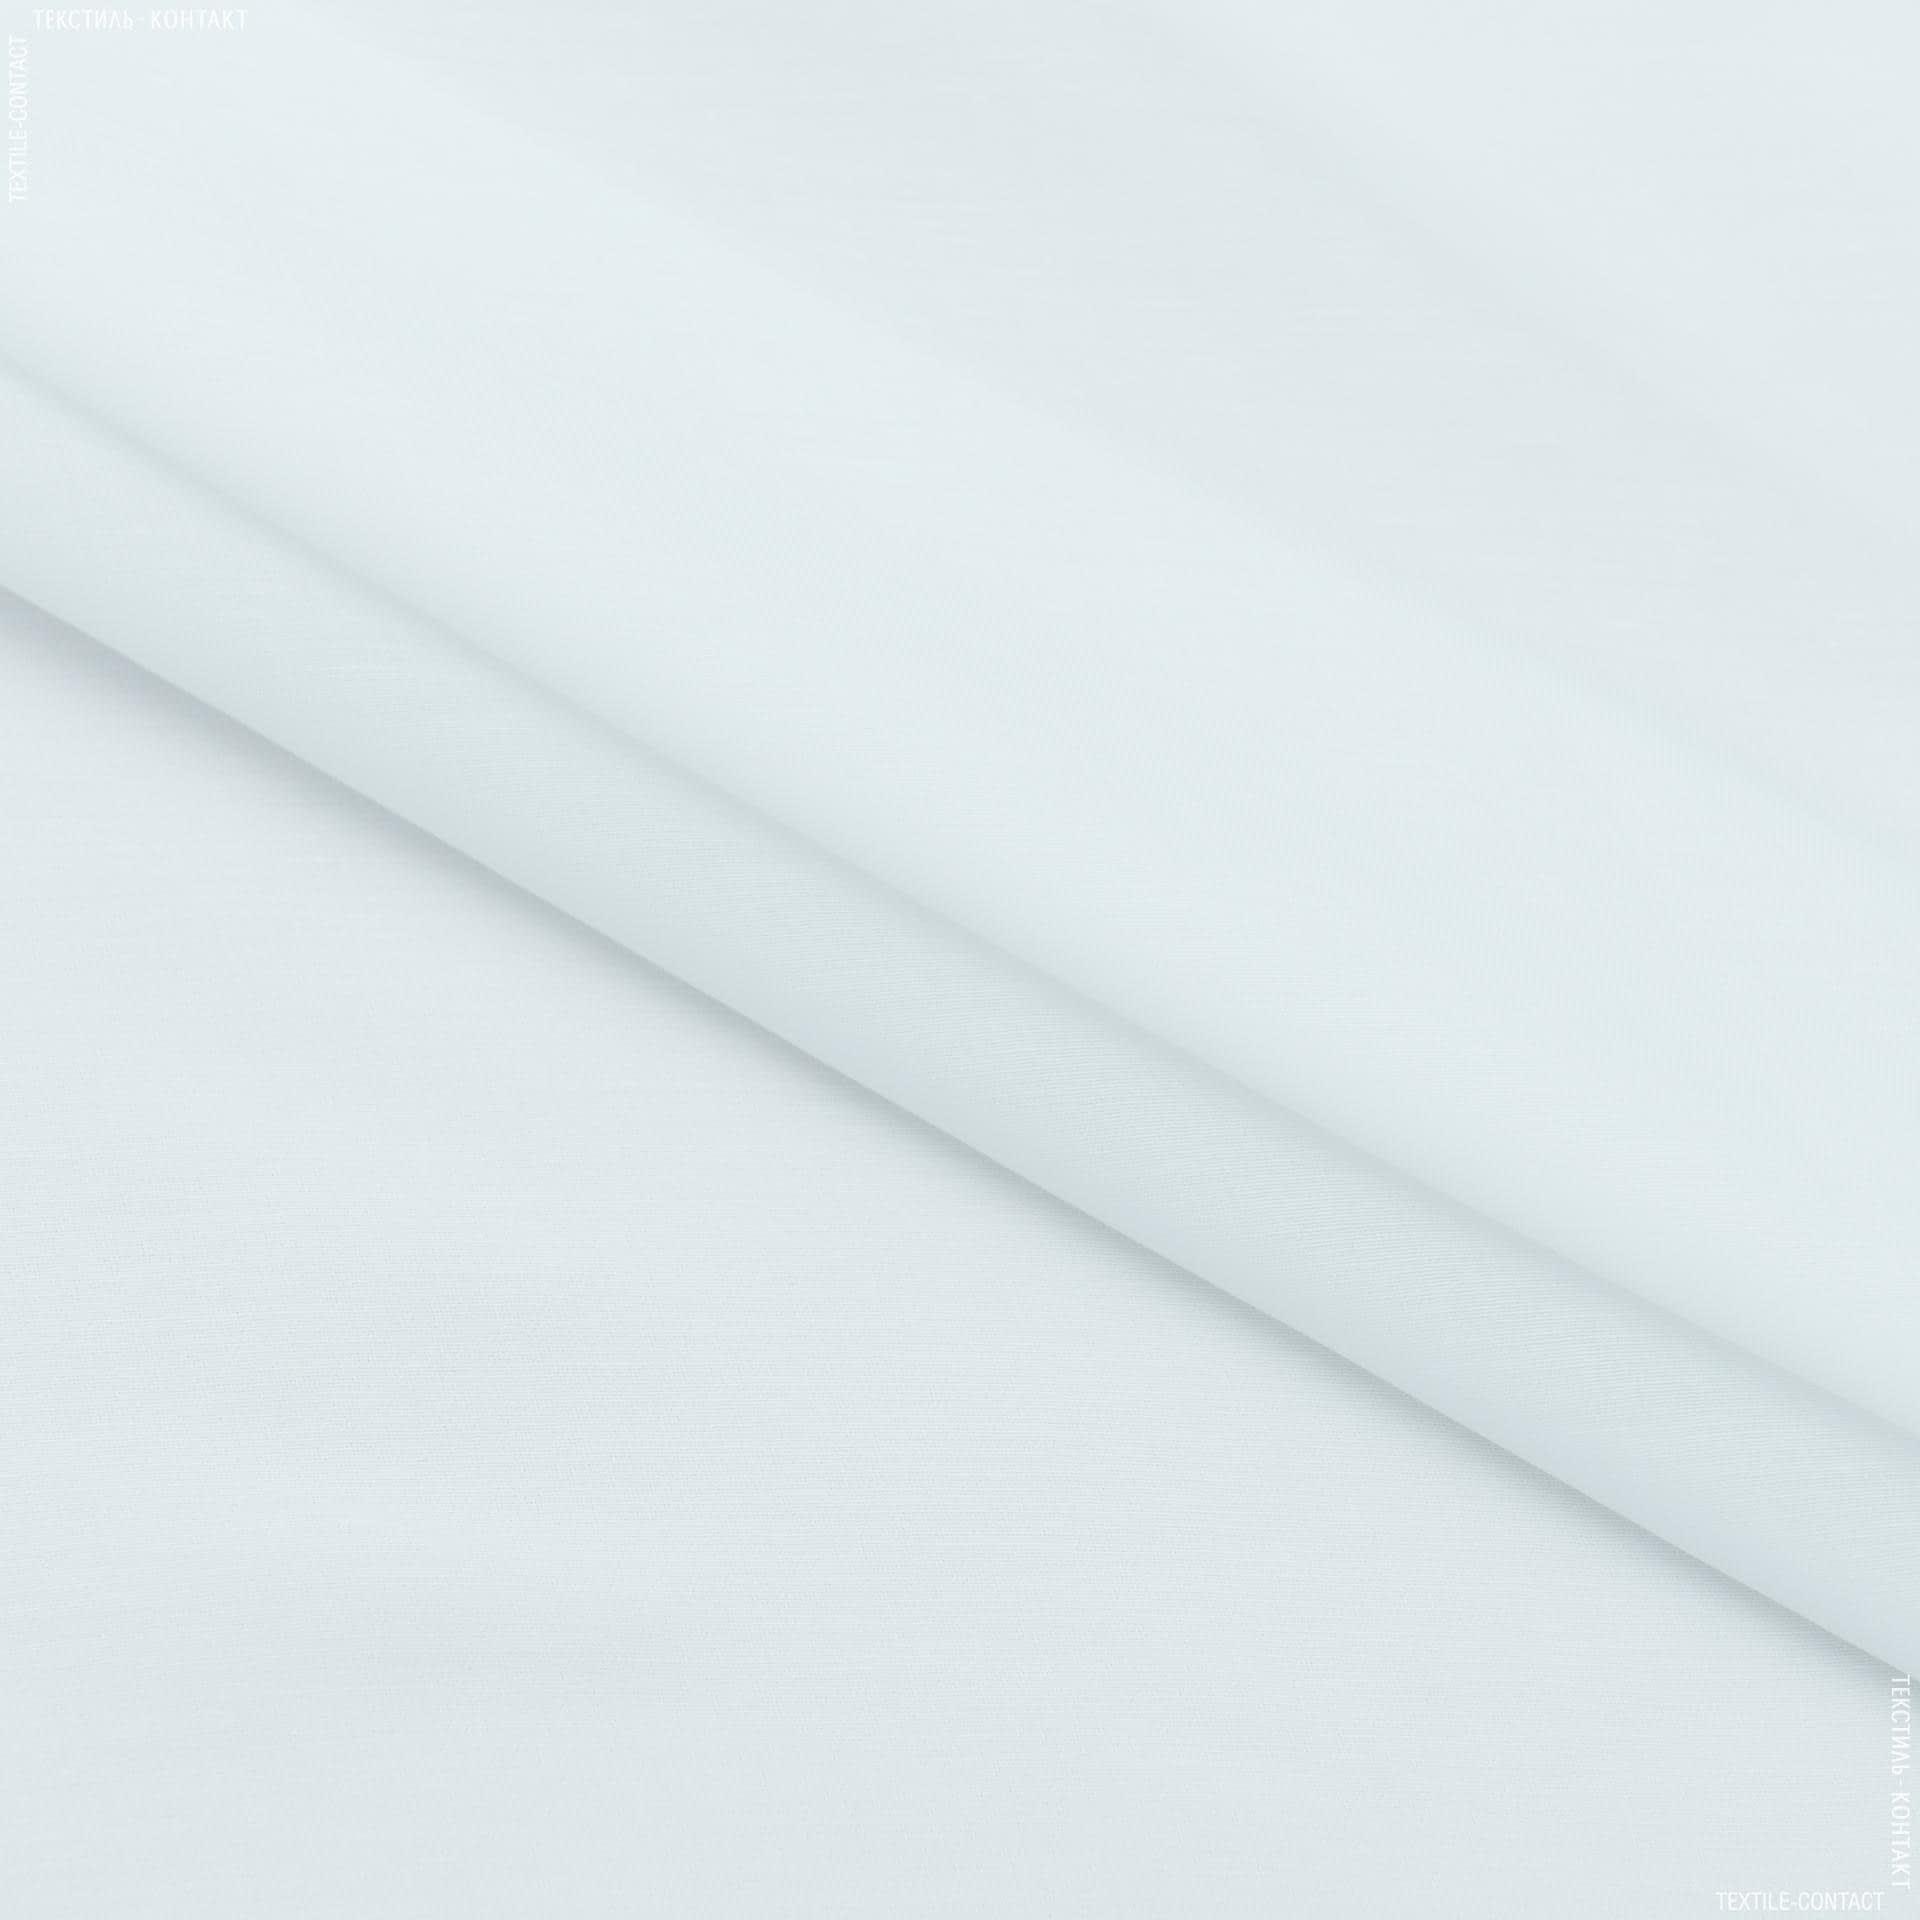 Ткани для драпировки стен и потолков - Тюль батист с утяжелителем лара белый